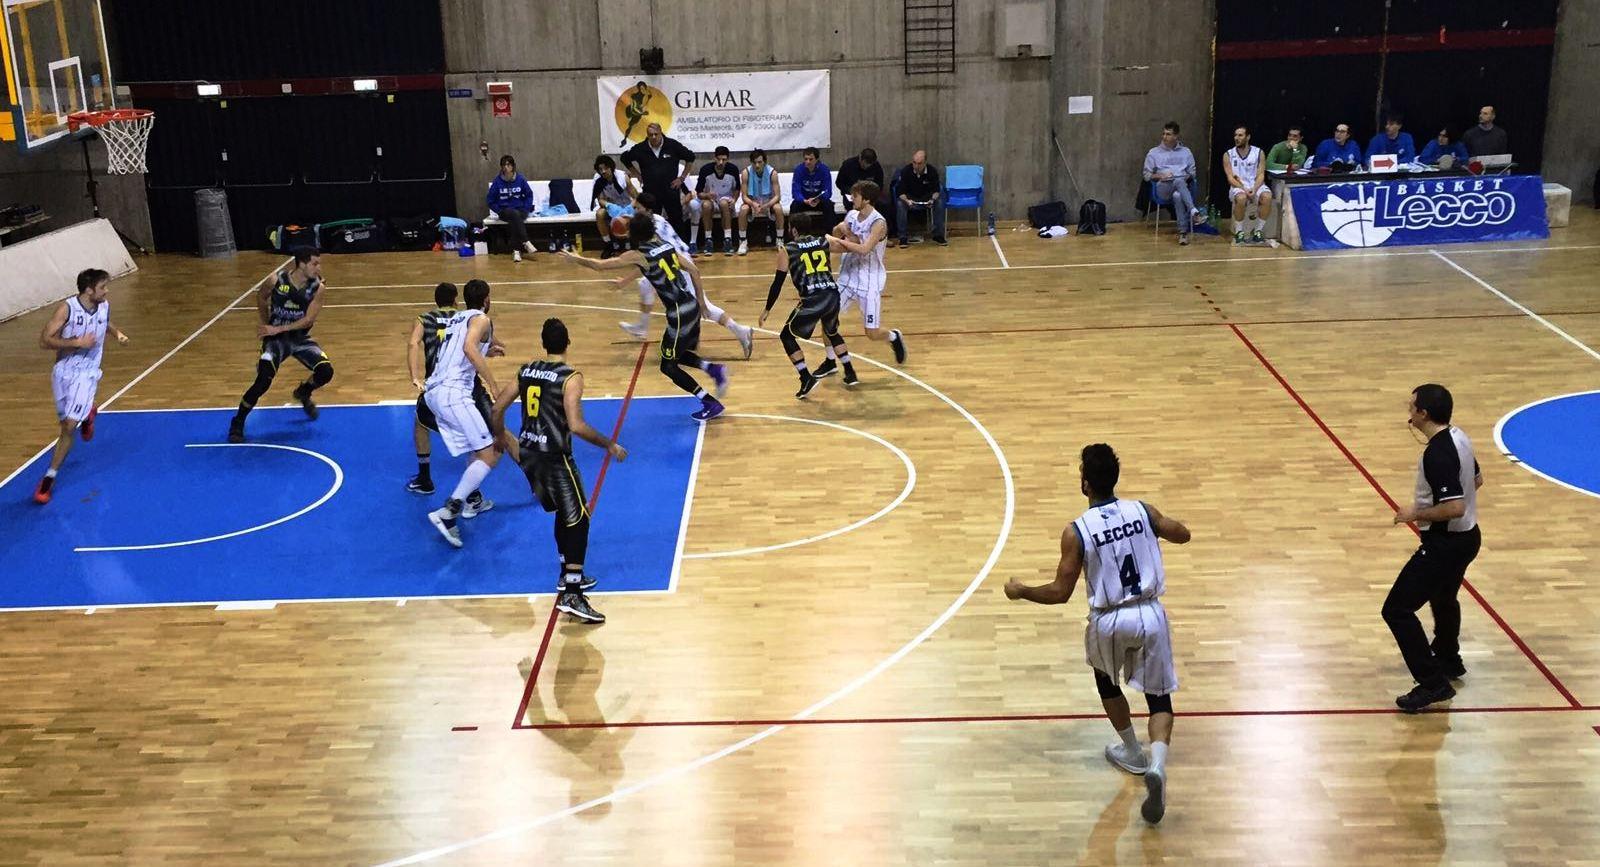 Basket Lecco Bergamo (3)